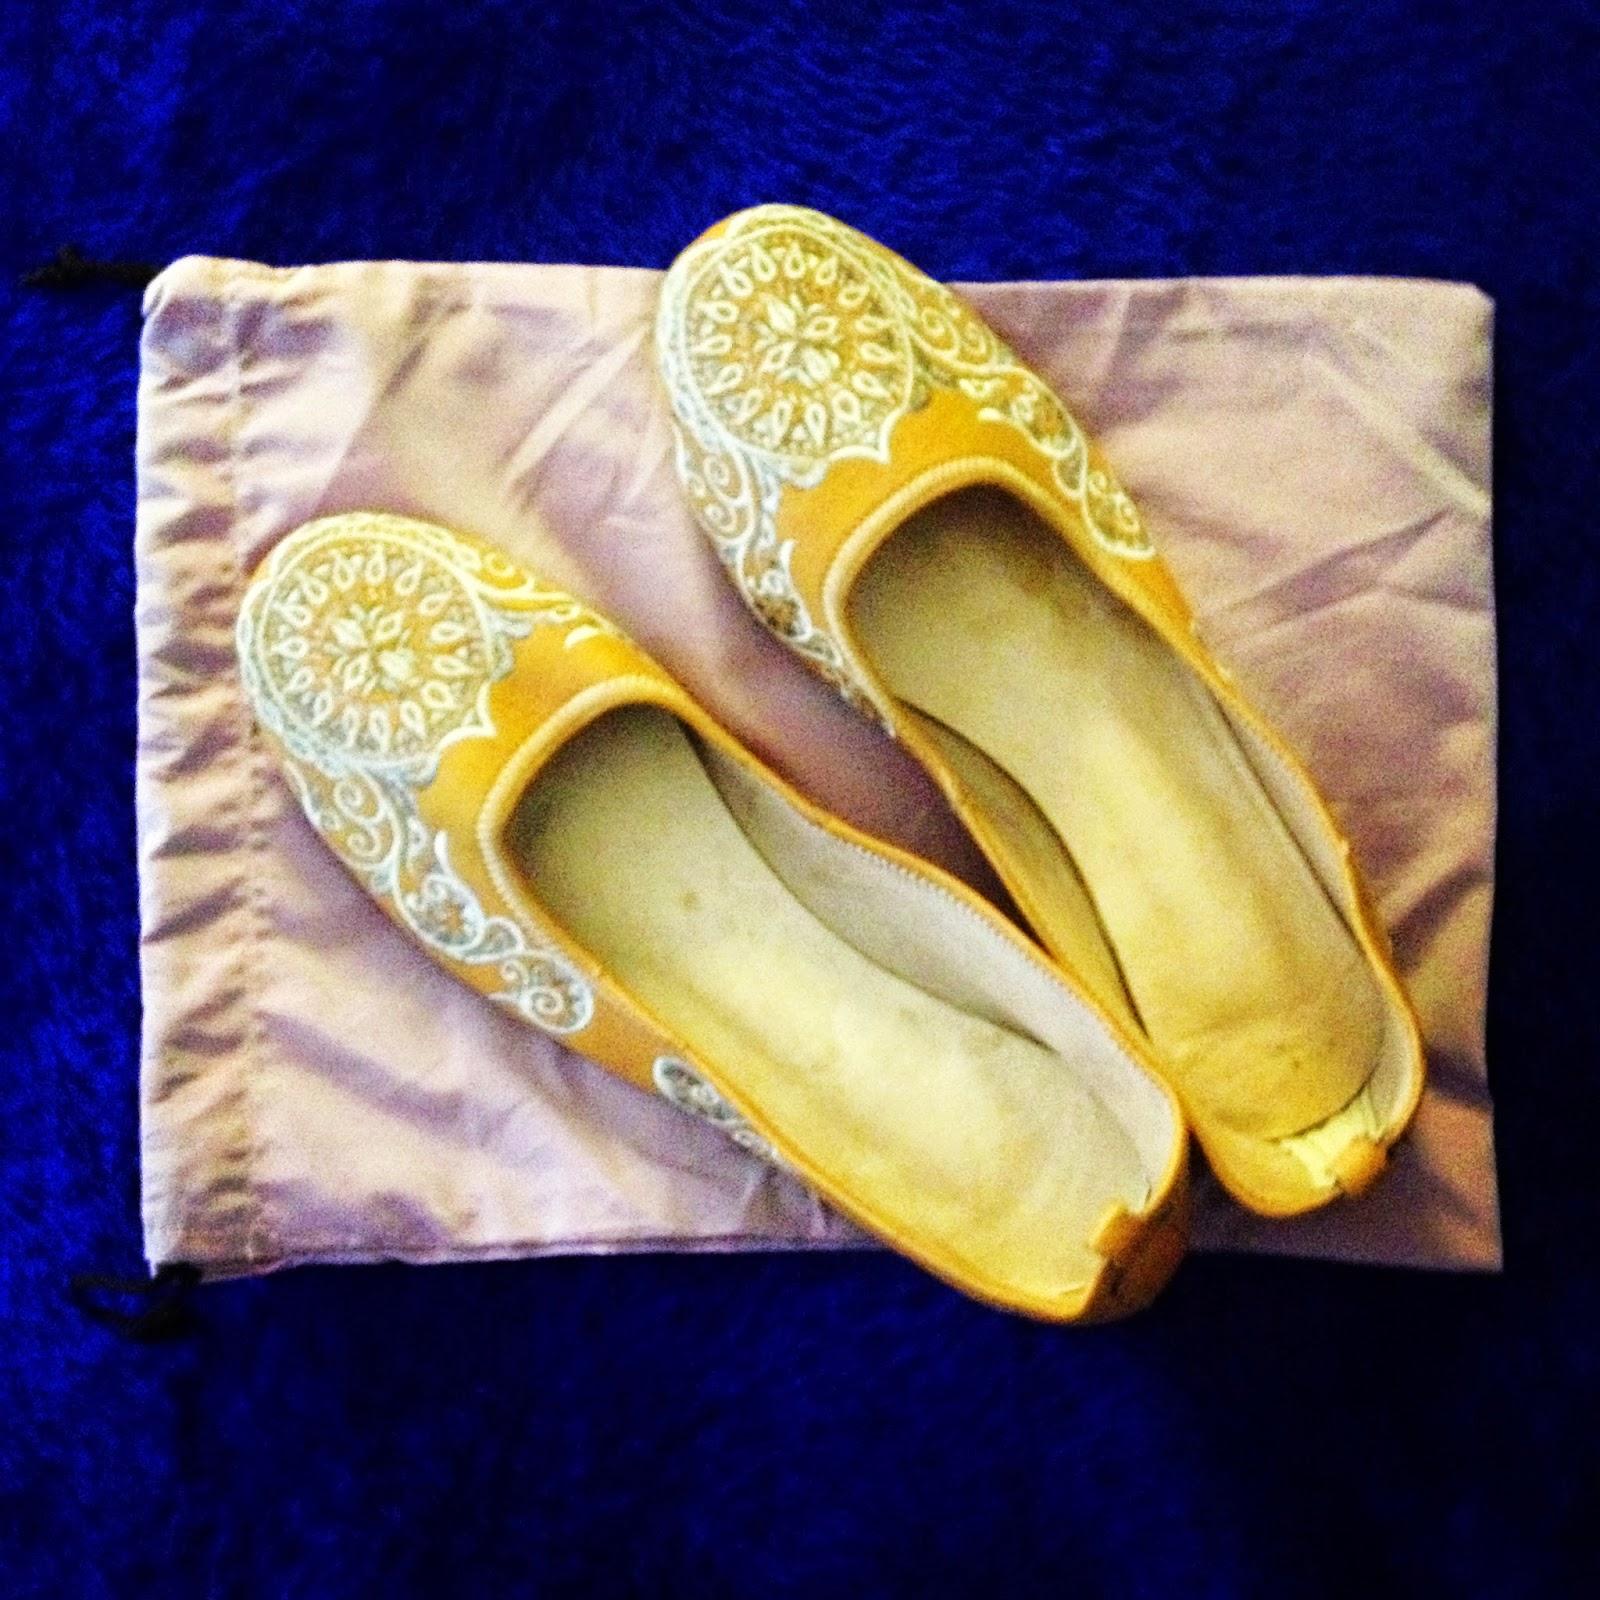 モロッコのフェズのスークで買った刺繍の入った革の靴の値段